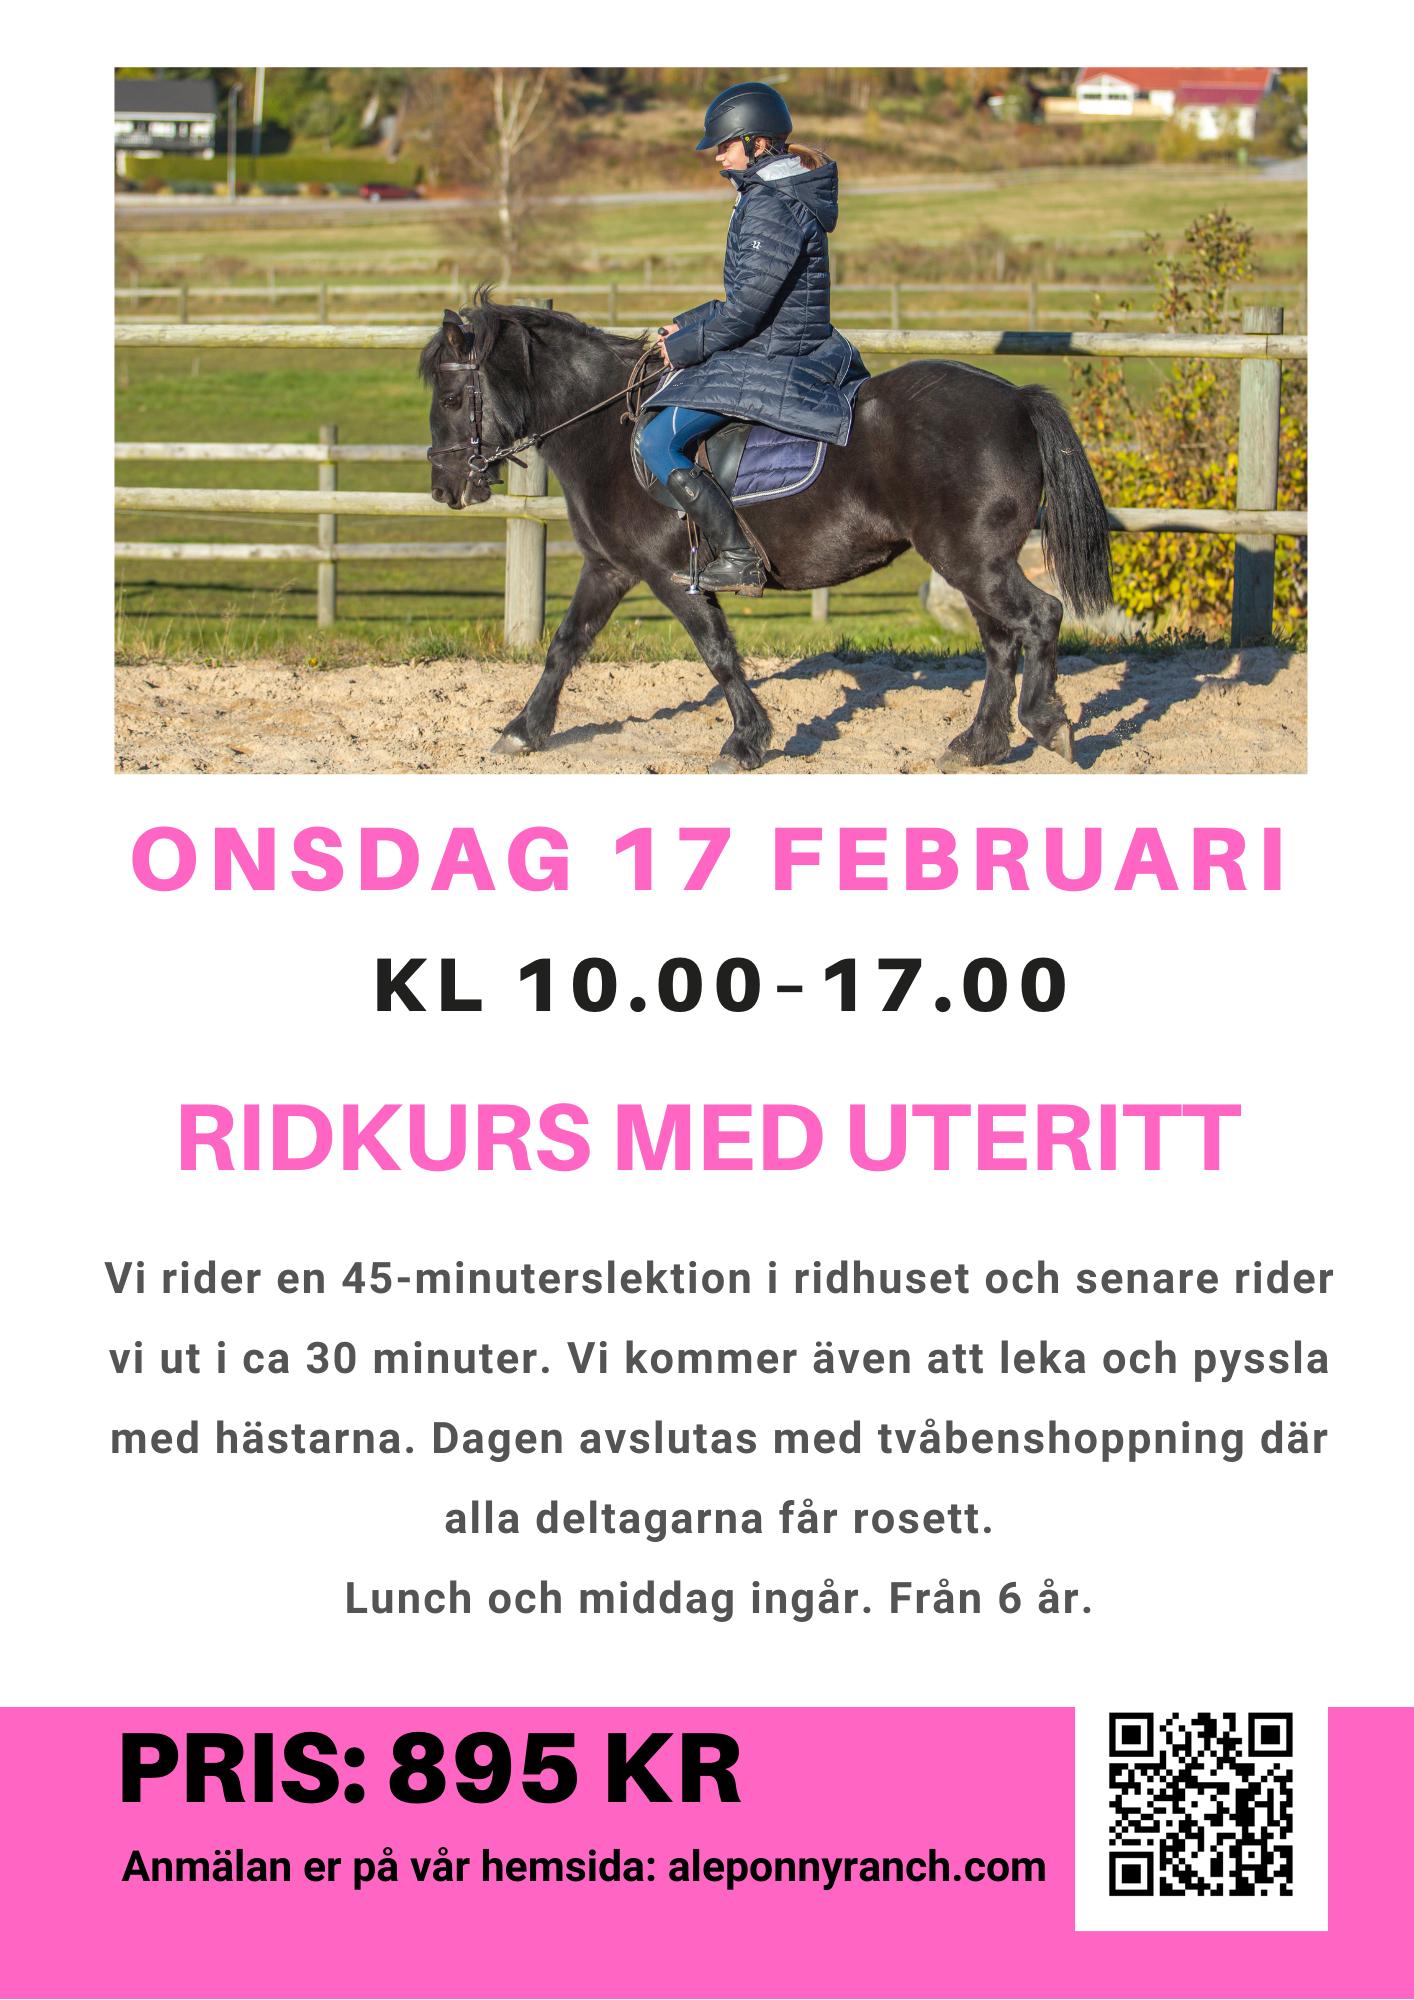 Onsdag 17 februari, 2021 (sportlovet) kl 10.00-17.00